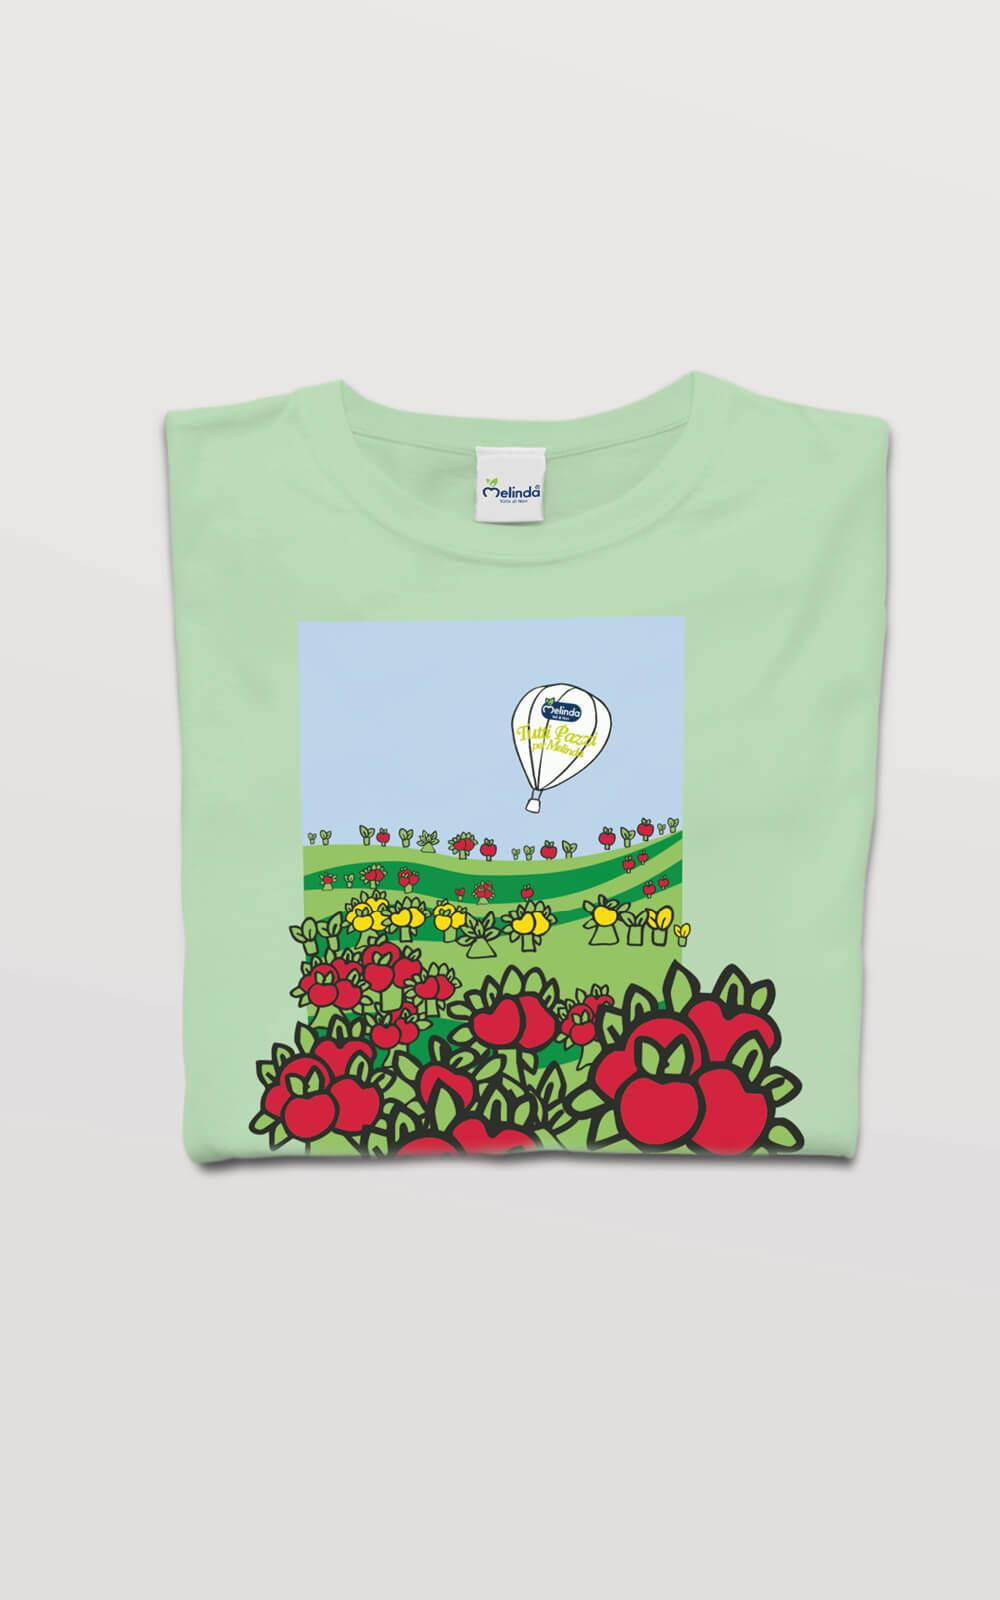 illustrazione per t-shirt adulto creata per mondomelinda, progetto grafico studio grafico diade arco trento